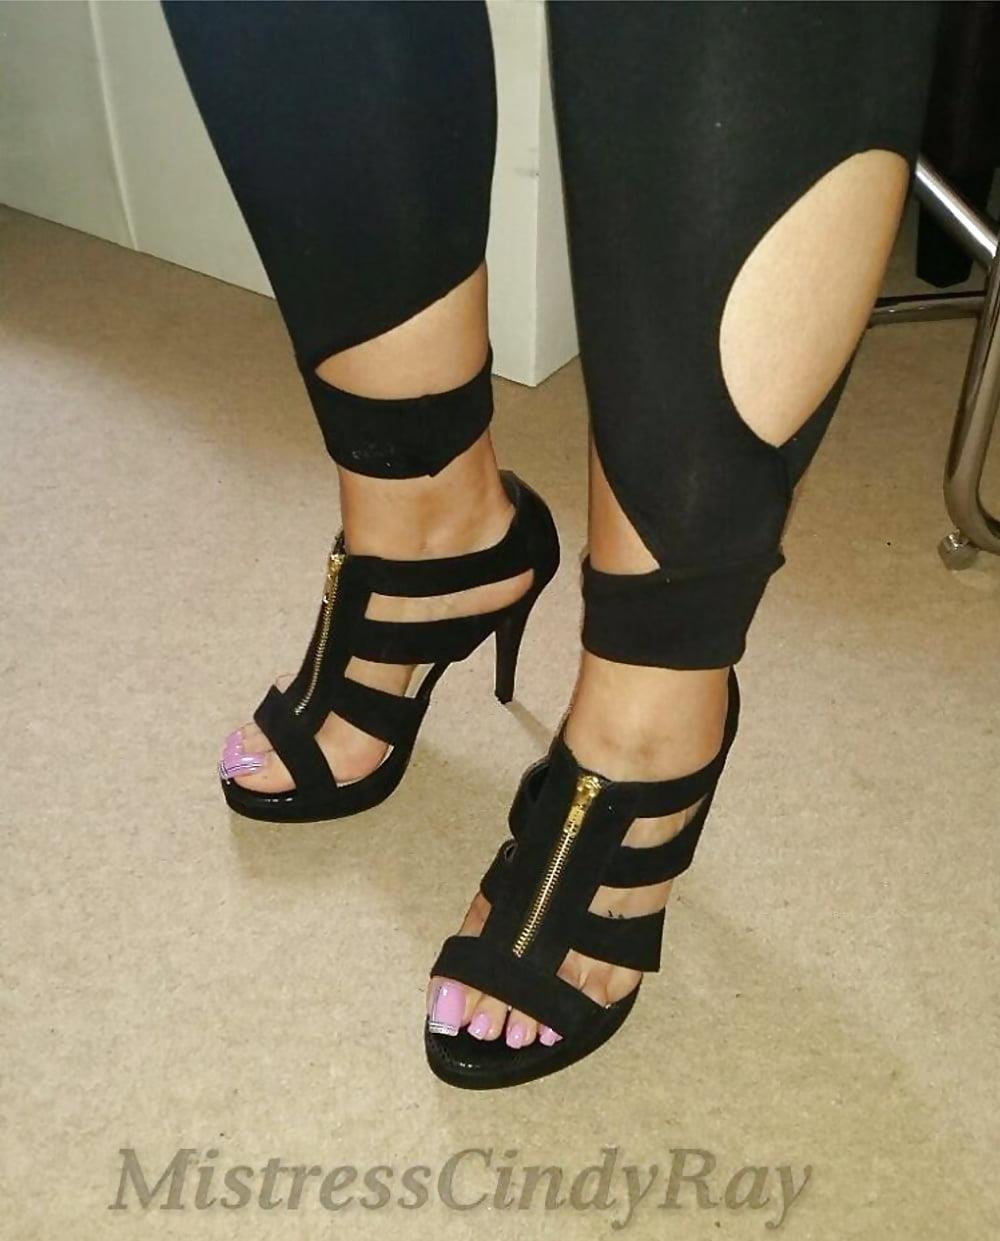 Mistress cindy feet-6267